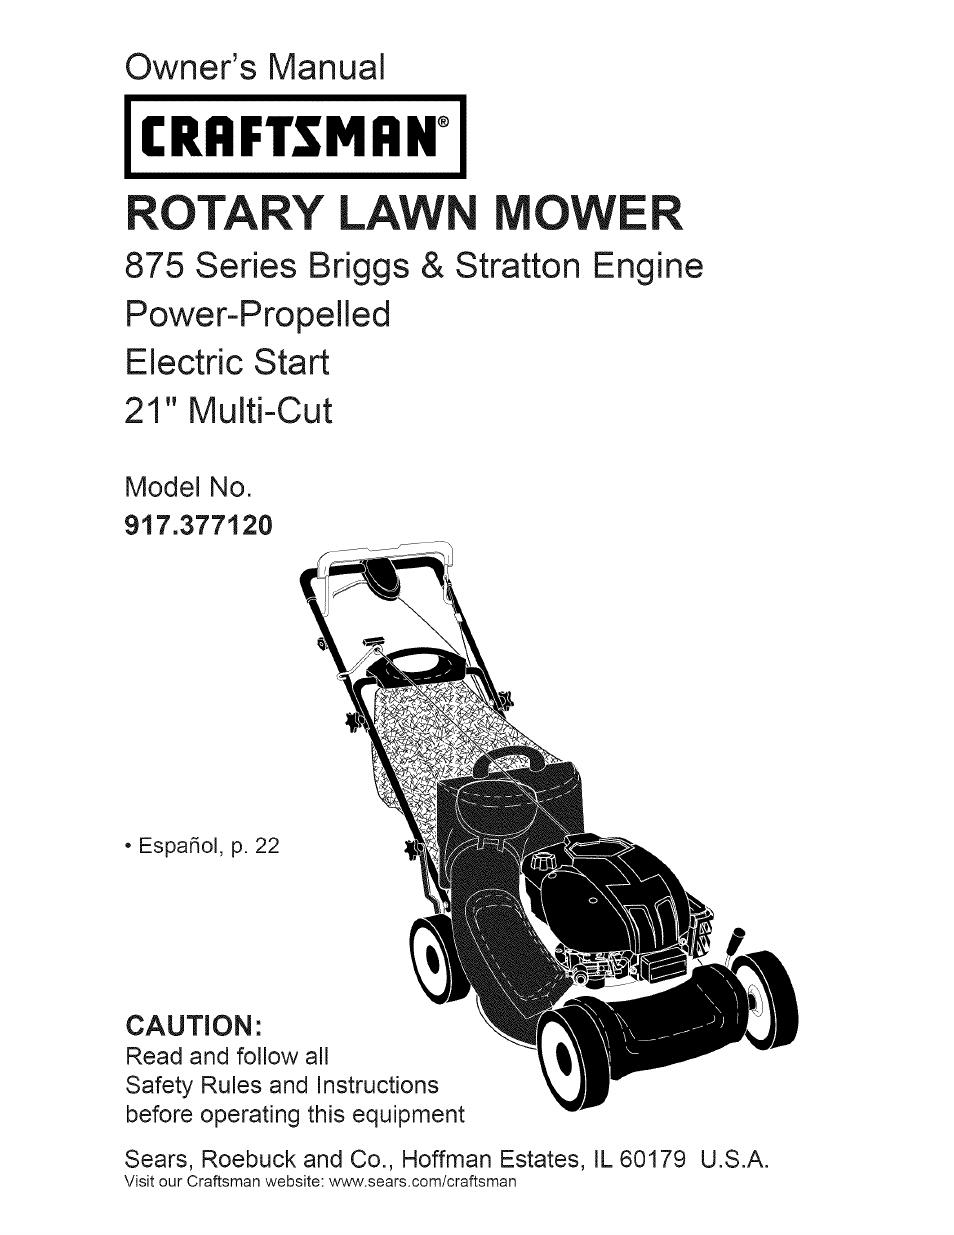 craftsman 917 377120 user manual 56 pages rh manualsdir com sears lawn mower user manual craftsman lawn mower owners manual pdf